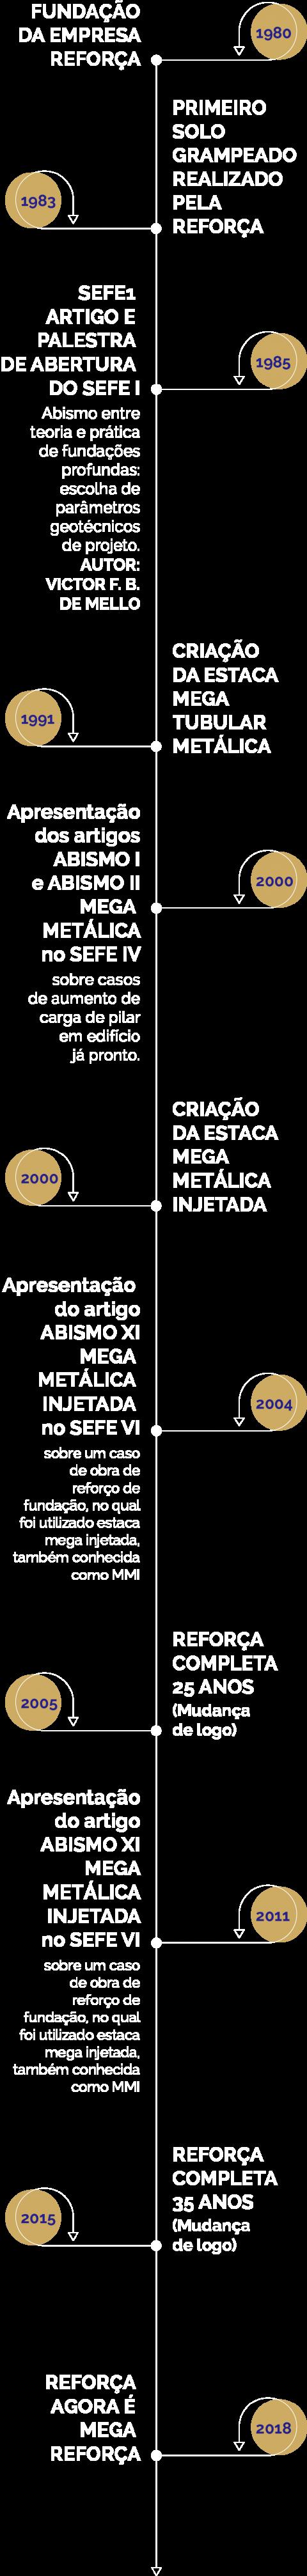 linha_de_tempo_dourada